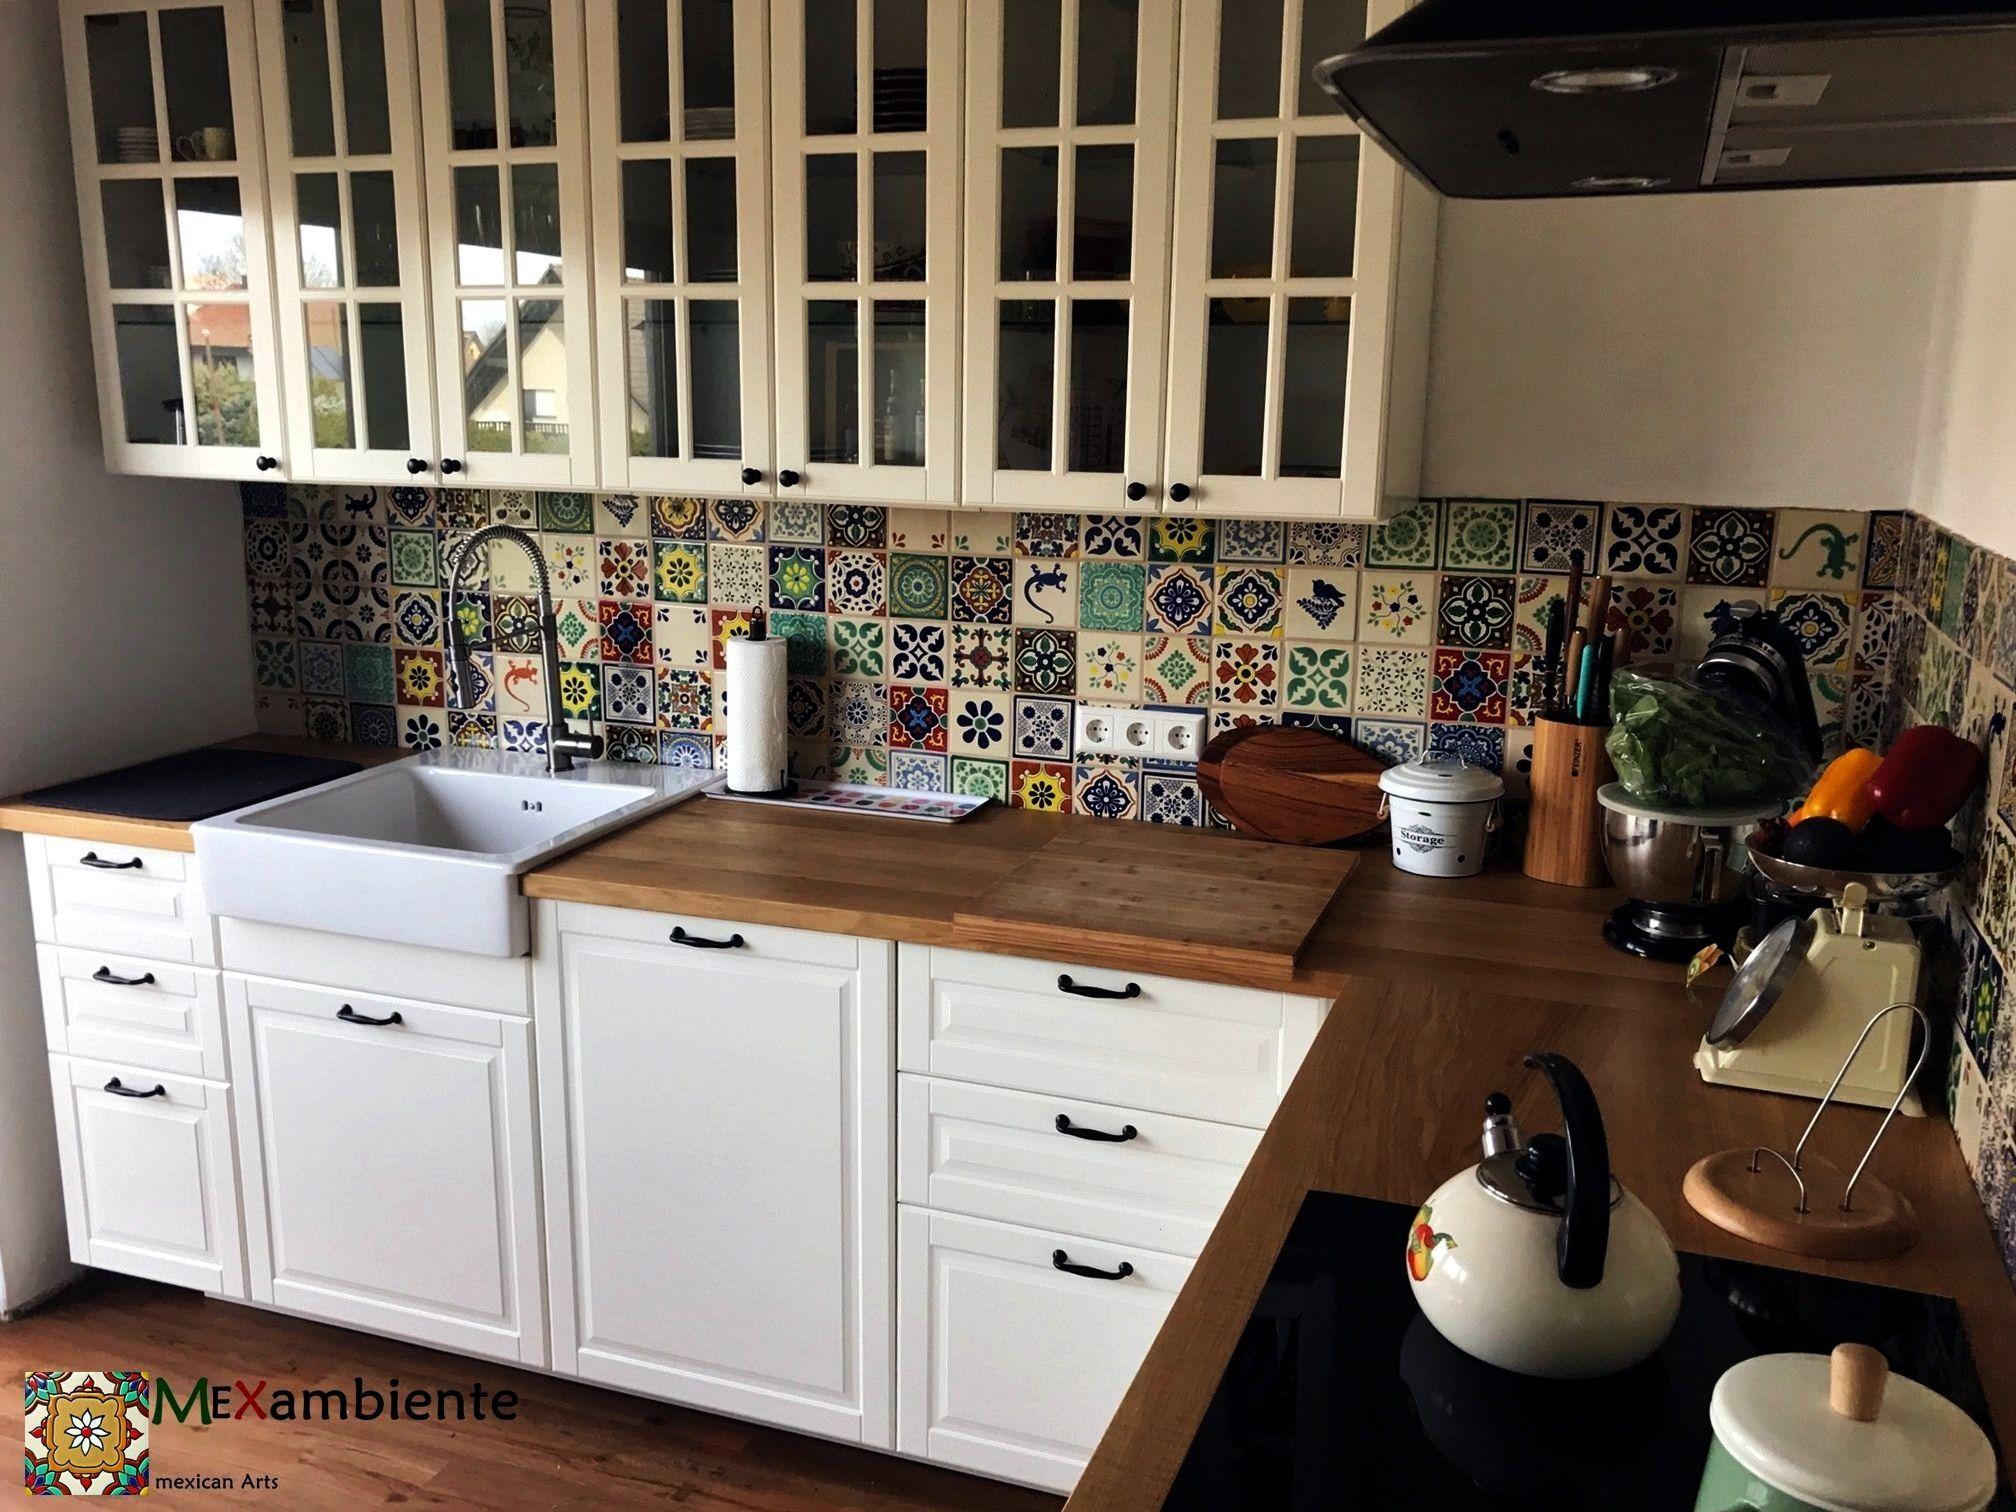 Pin Von Stefanie Kodde Auf Haus Inspiration In 2020 Mexikanische Fliesen Wandfliesen Kuche Fliesenspiegel